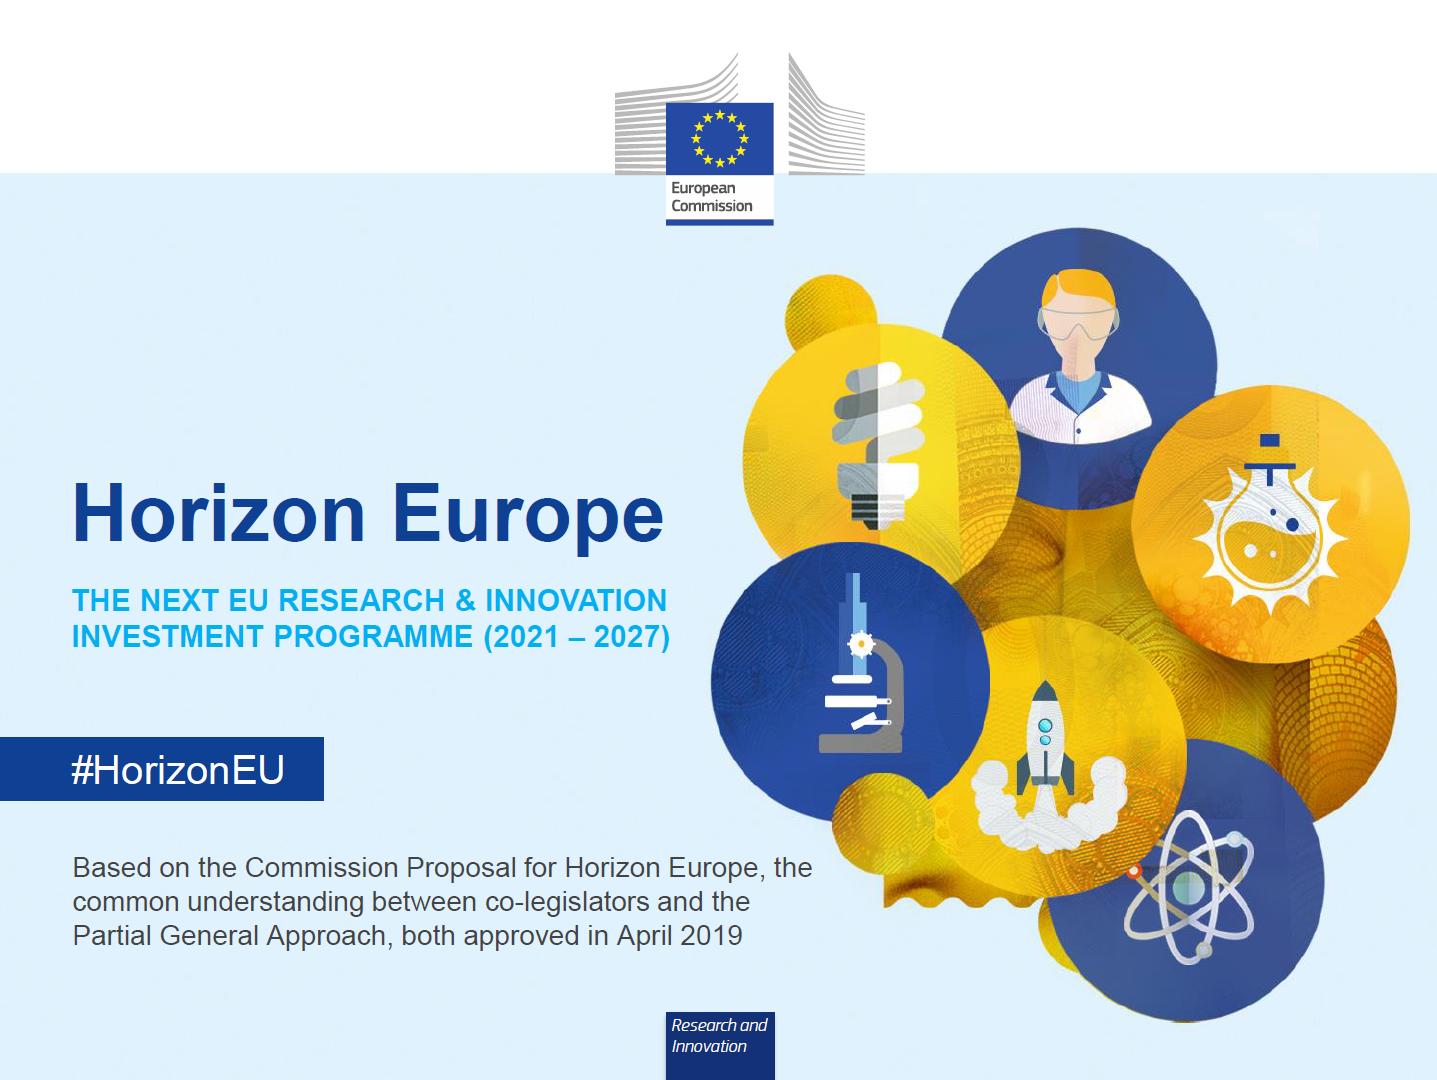 European Commission - Horizon Europe